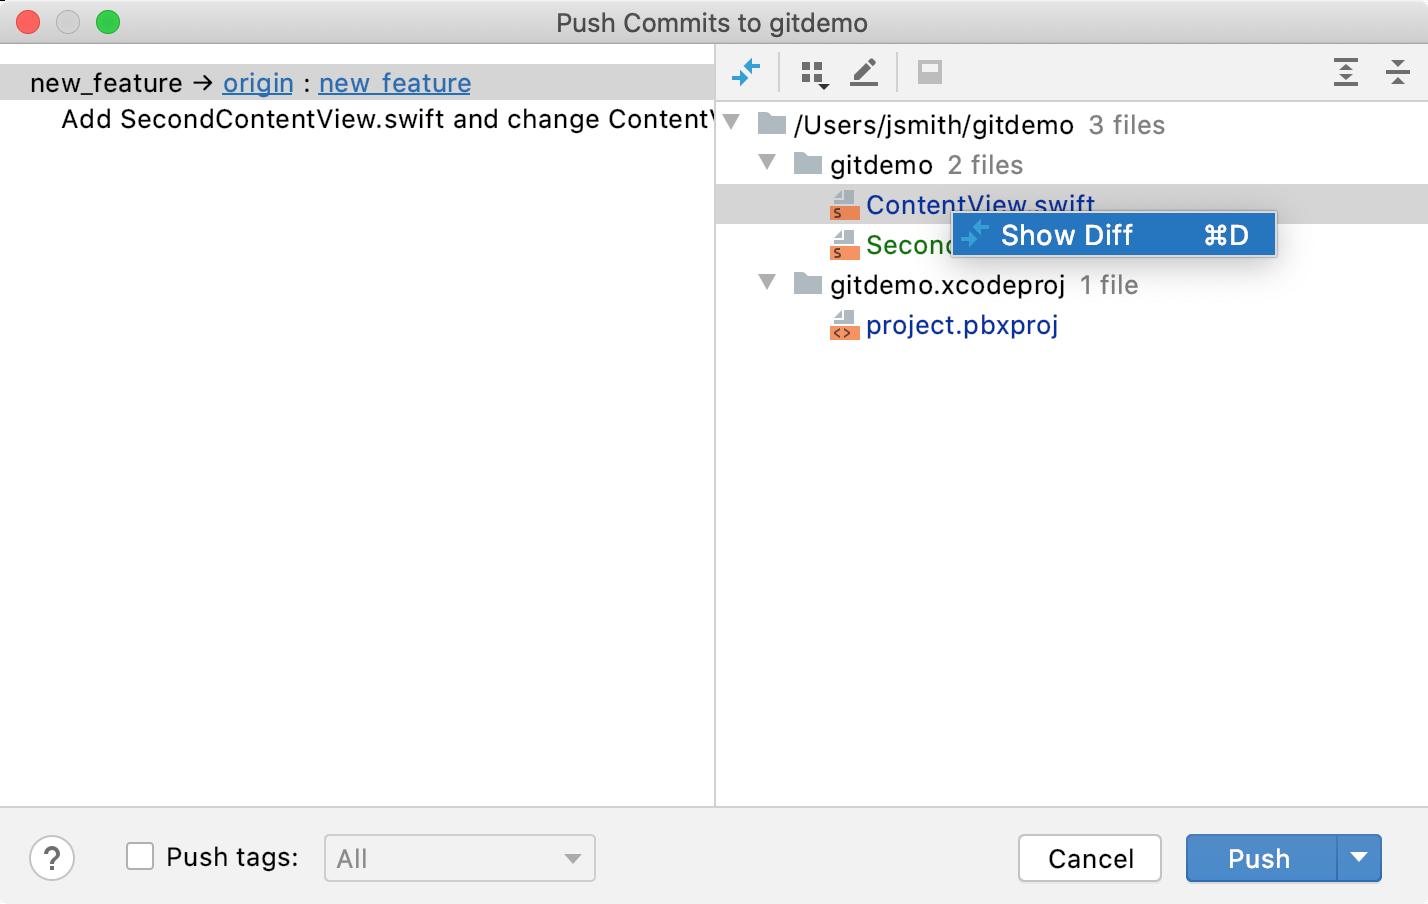 Push commits